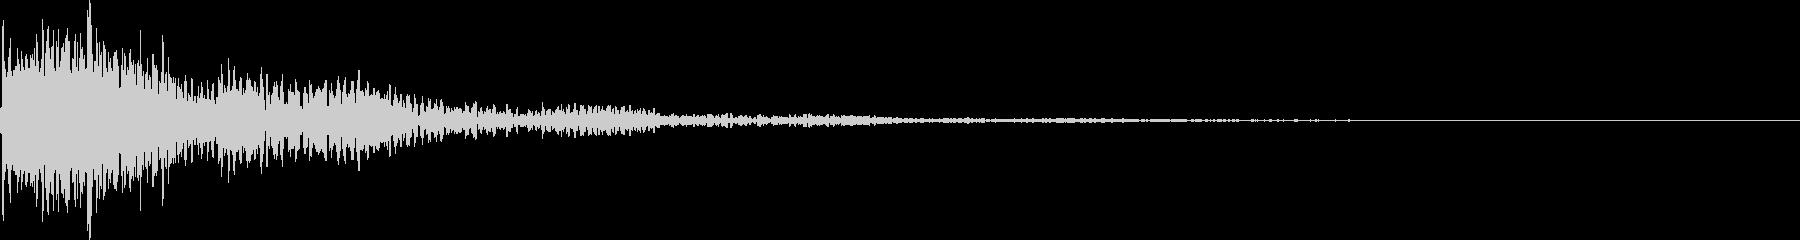 太鼓と三味線の和風インパクトジングル!7の未再生の波形